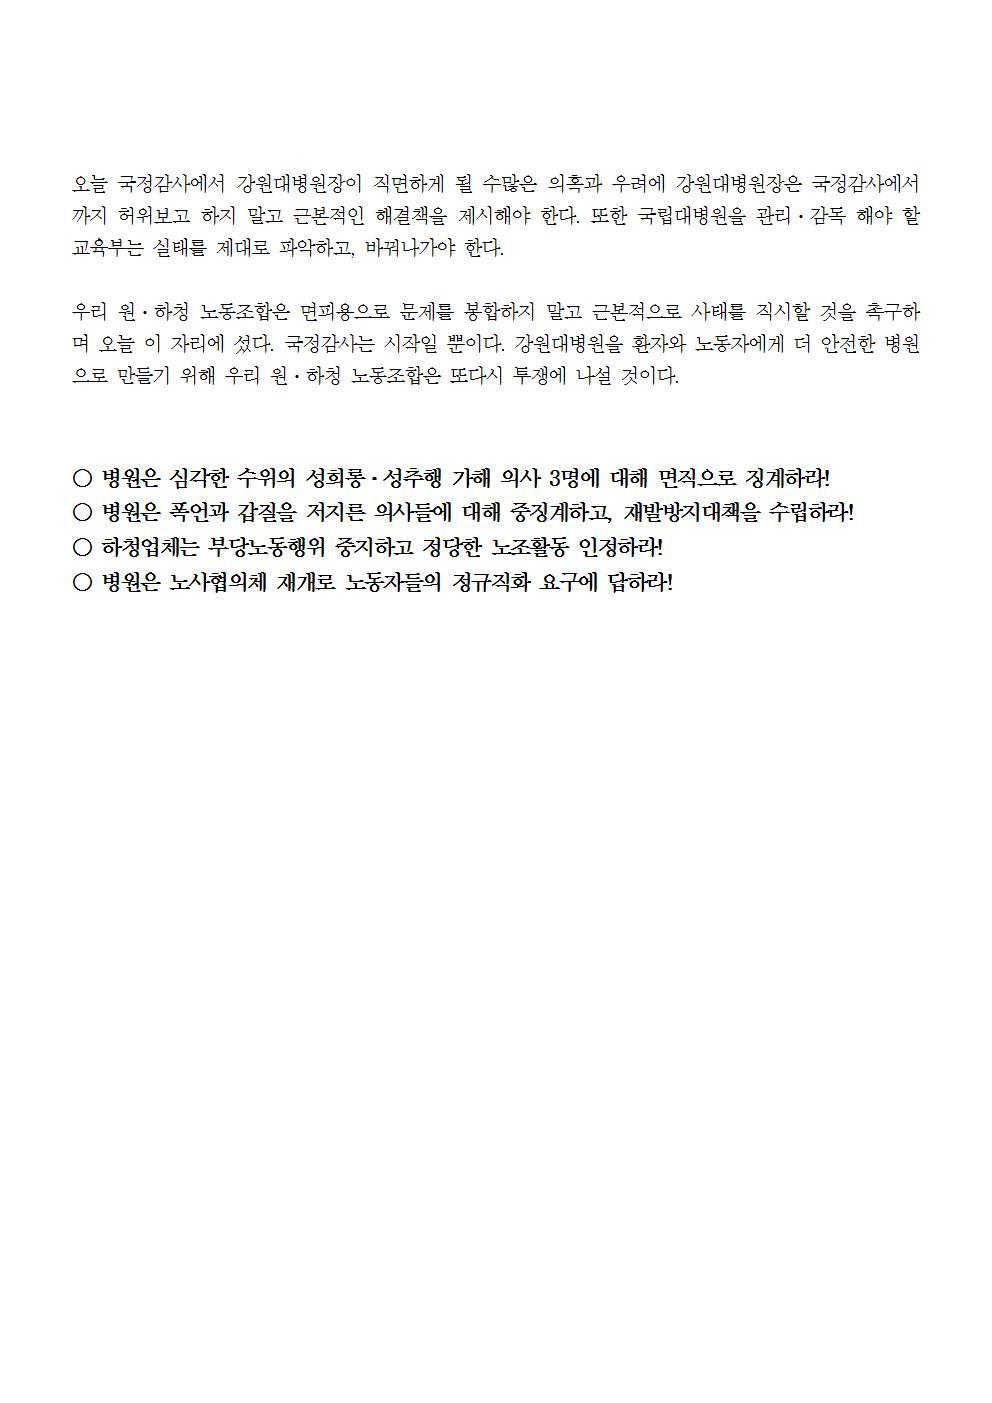 181025_[보도자료] 강원대병원장국정감사 원하청 공동기자회견006.jpg